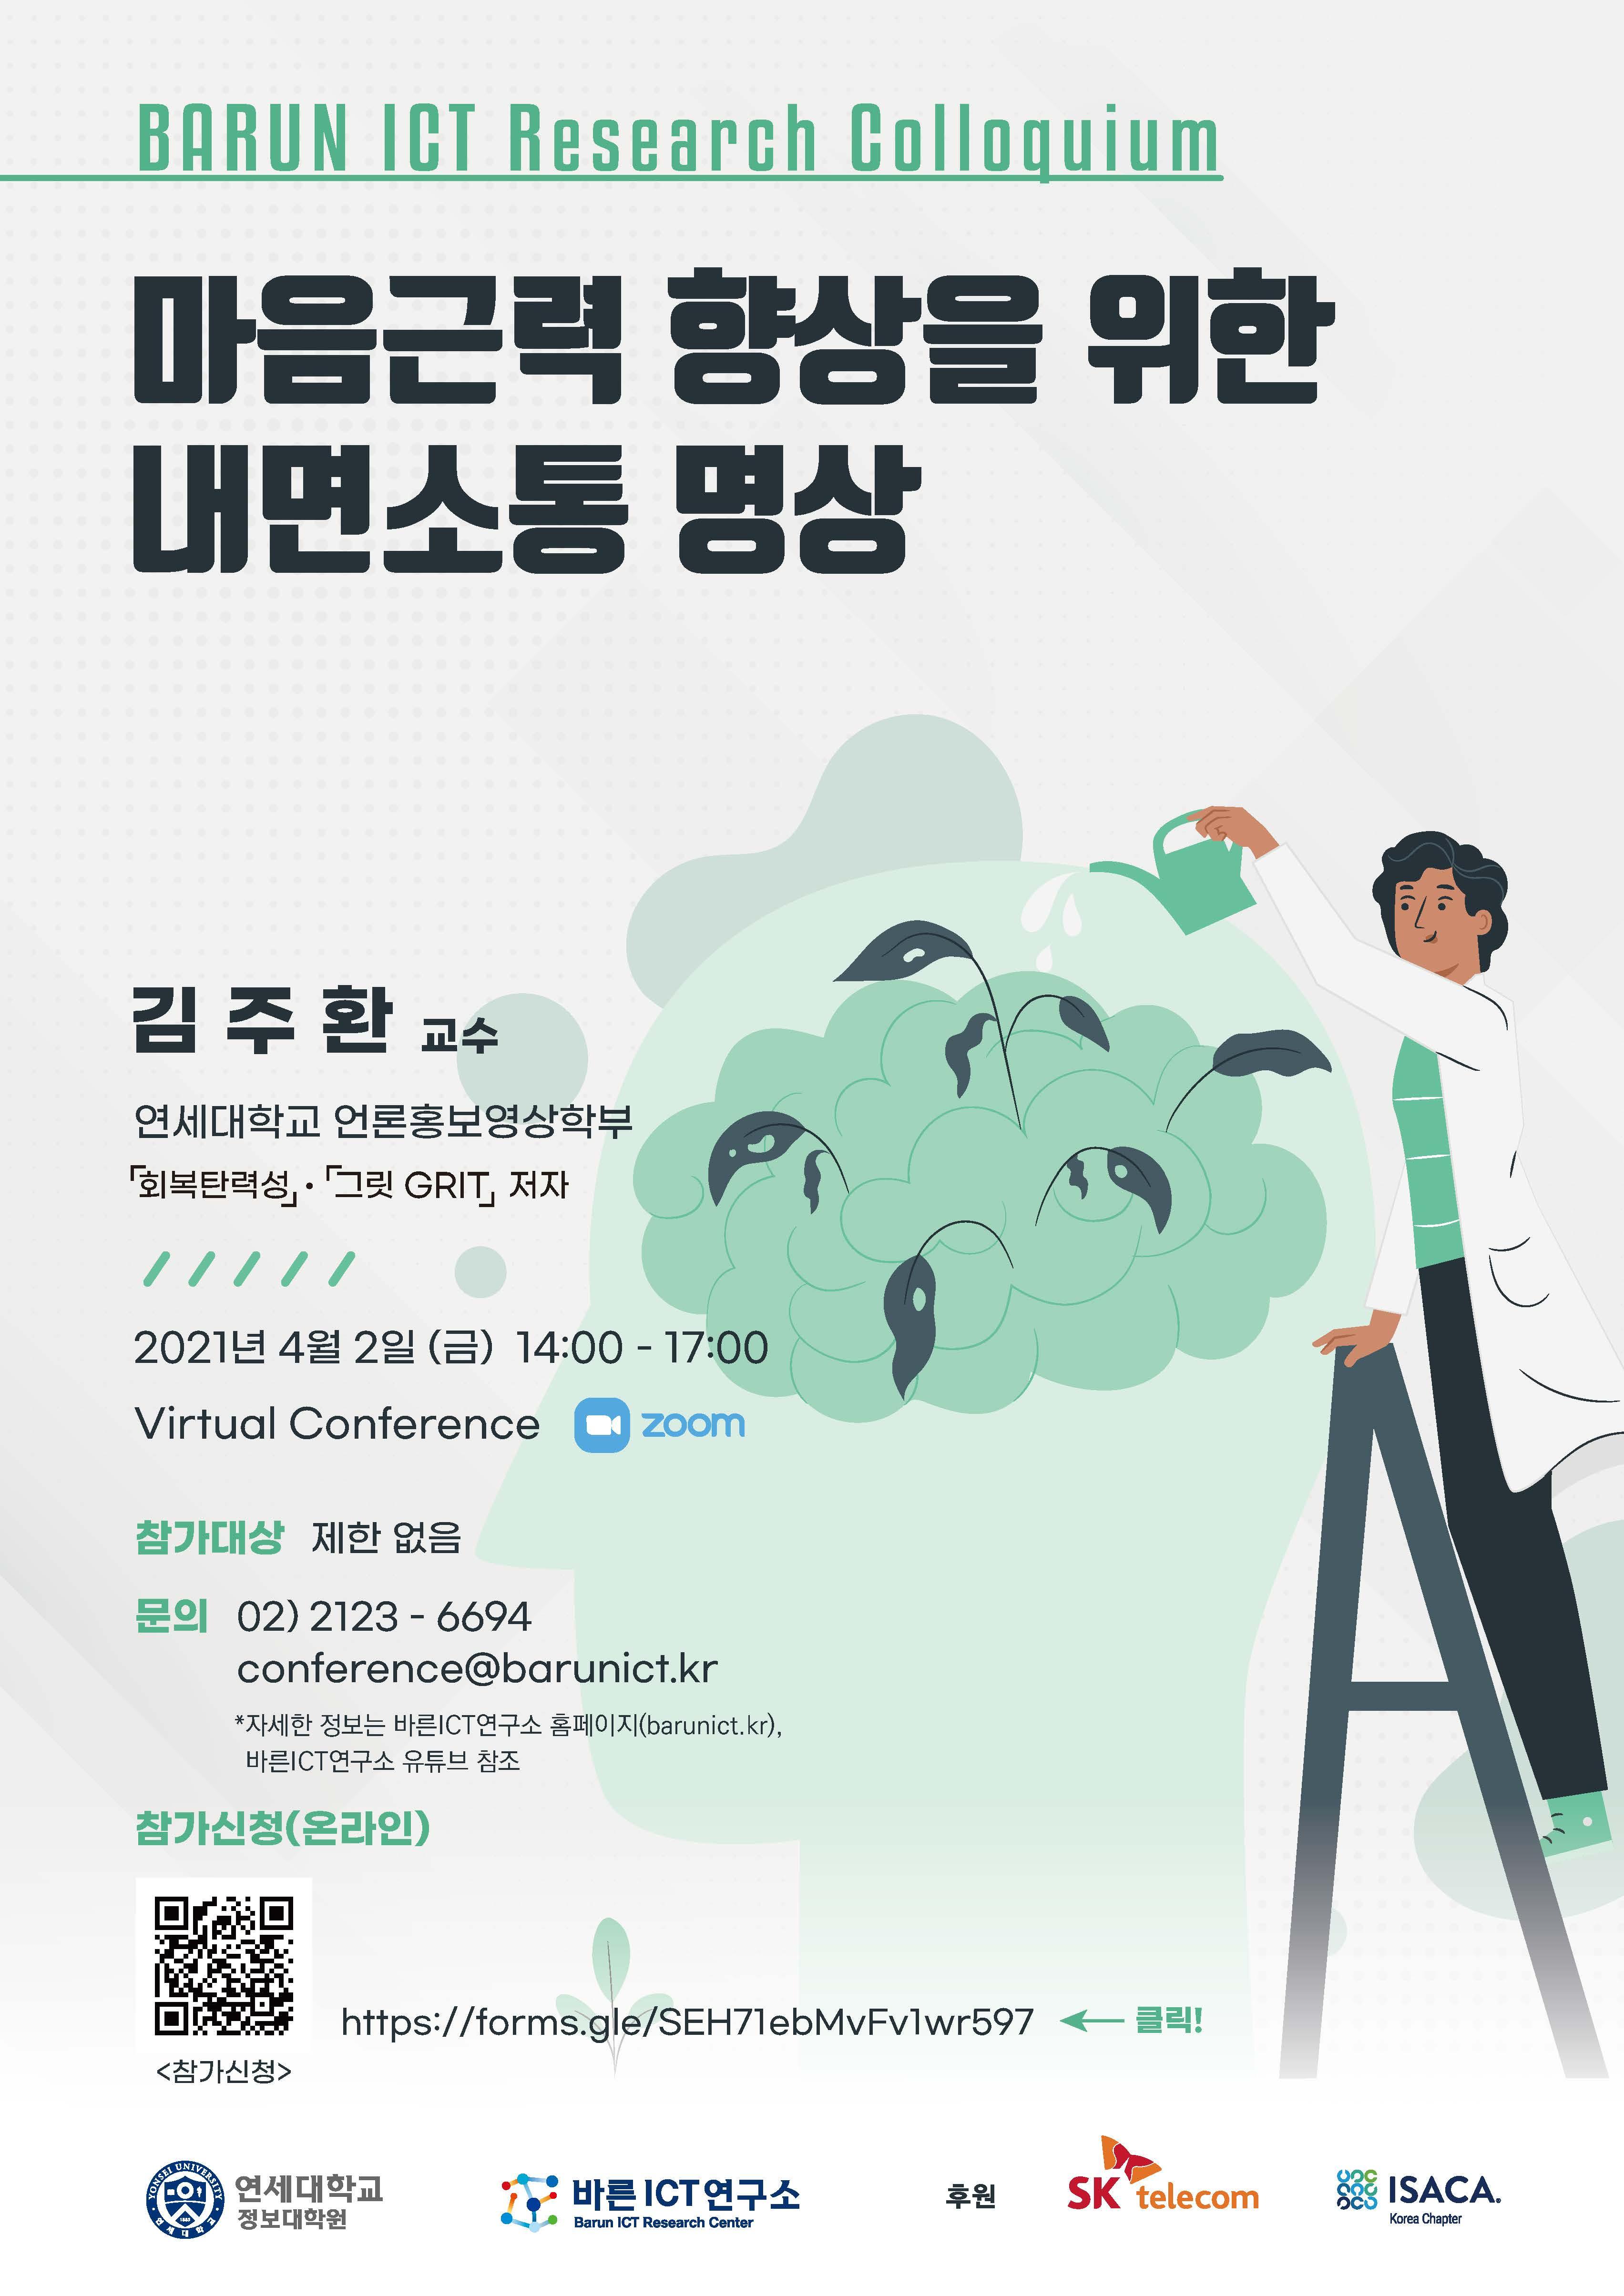 Barun ICT Research Colloquium 4월2일 (금) 14:00~